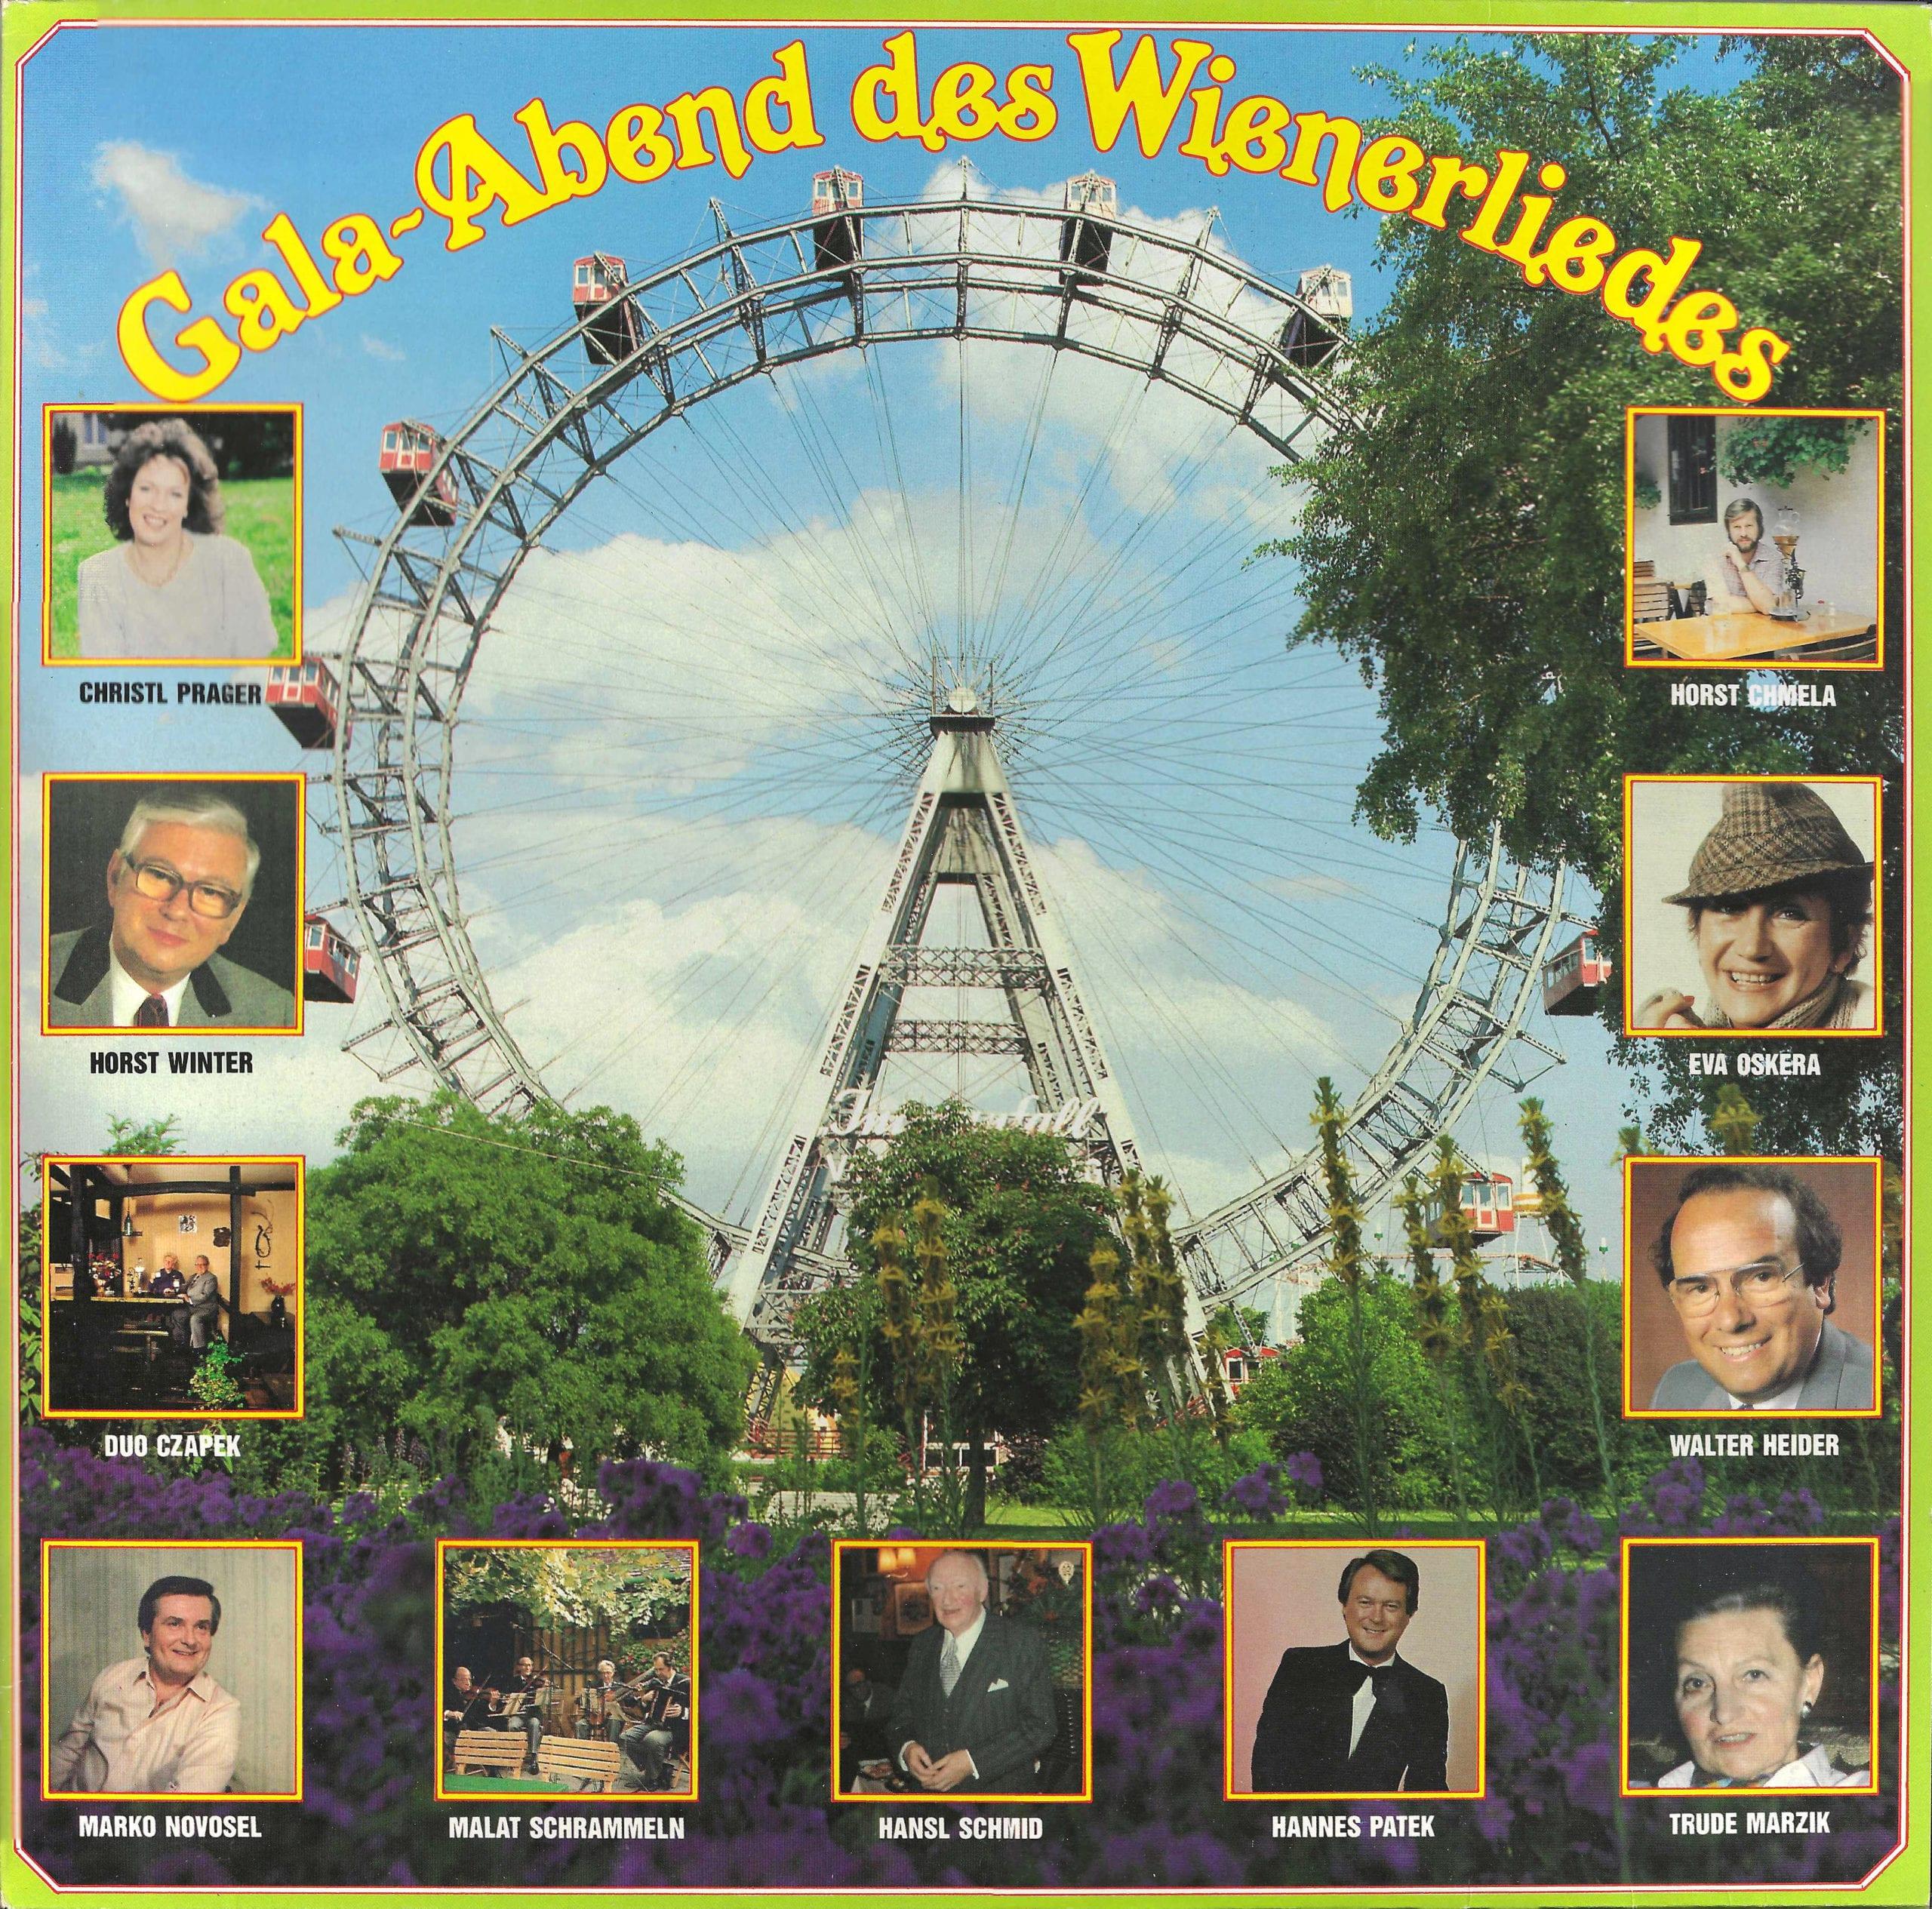 Gala-Abend des Wienerliedes – 1